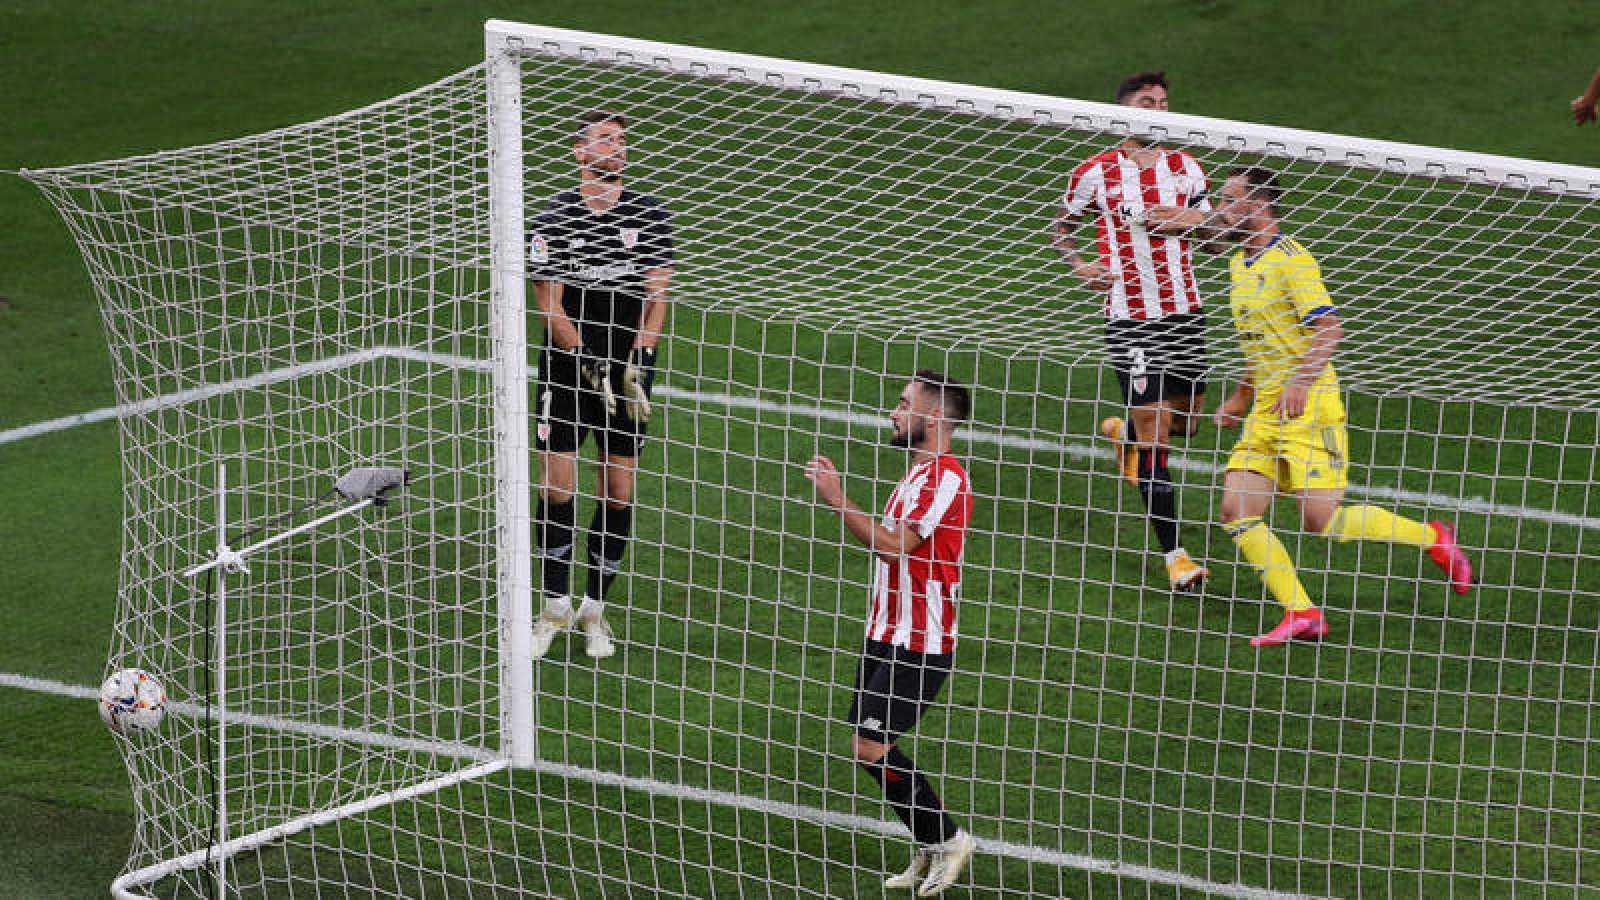 El jugador del Athletic de Bilbao Unai López (centro) se lamenta tras introducir el balón en su propia portería